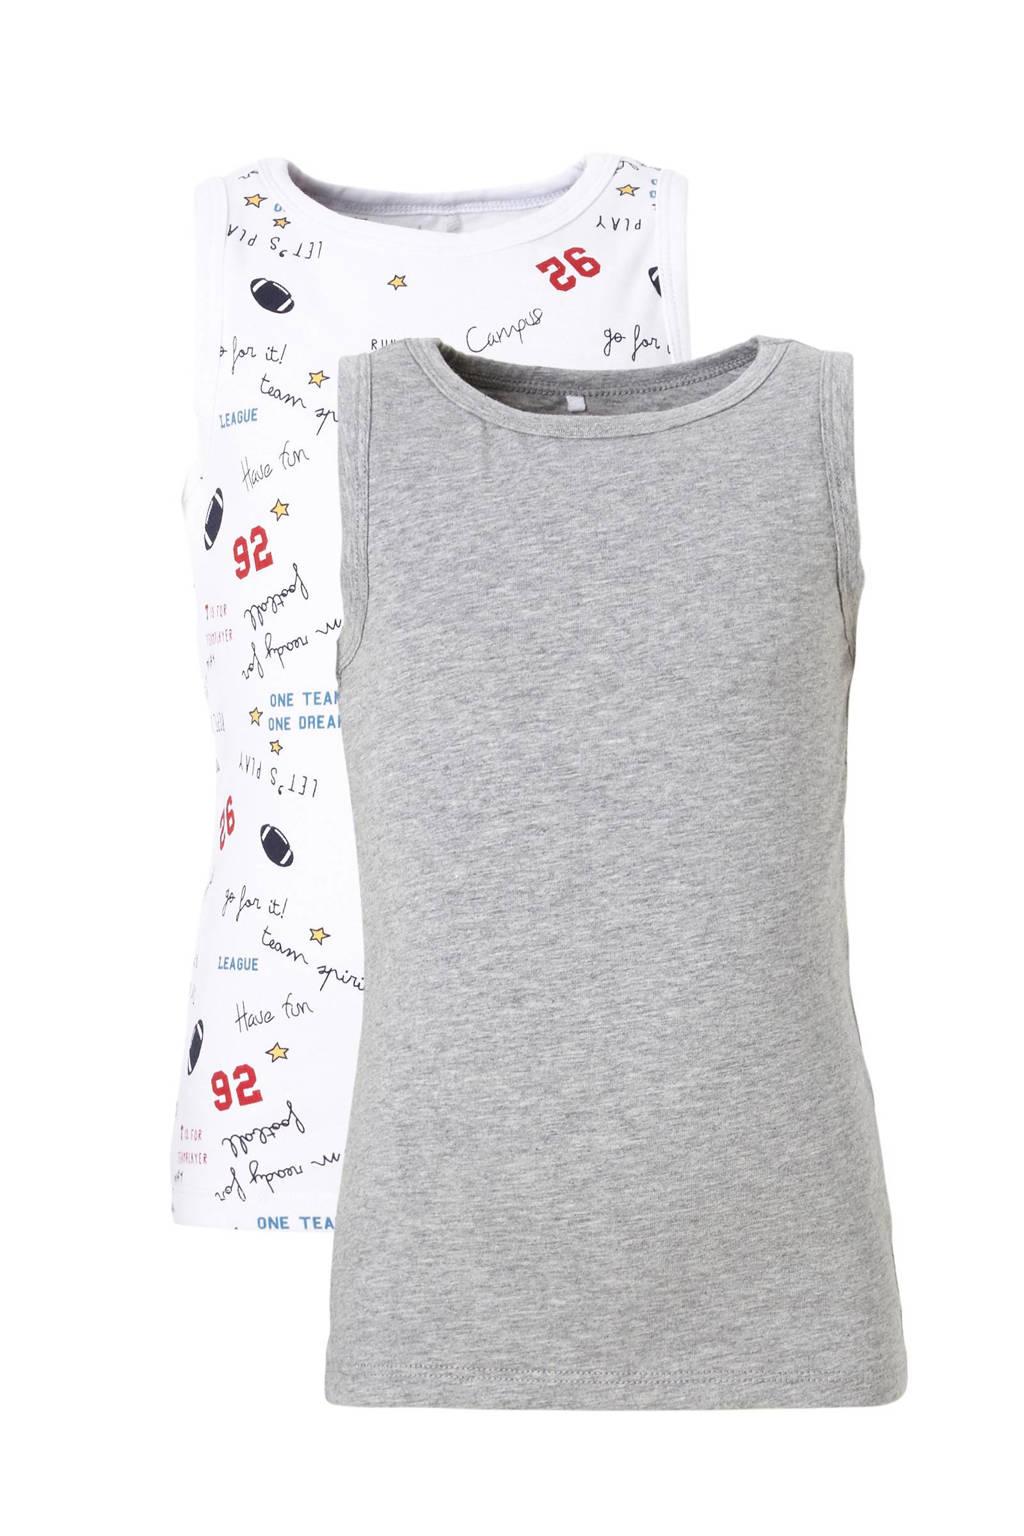 name it MINI hemd - set van 2, Wit/grijs